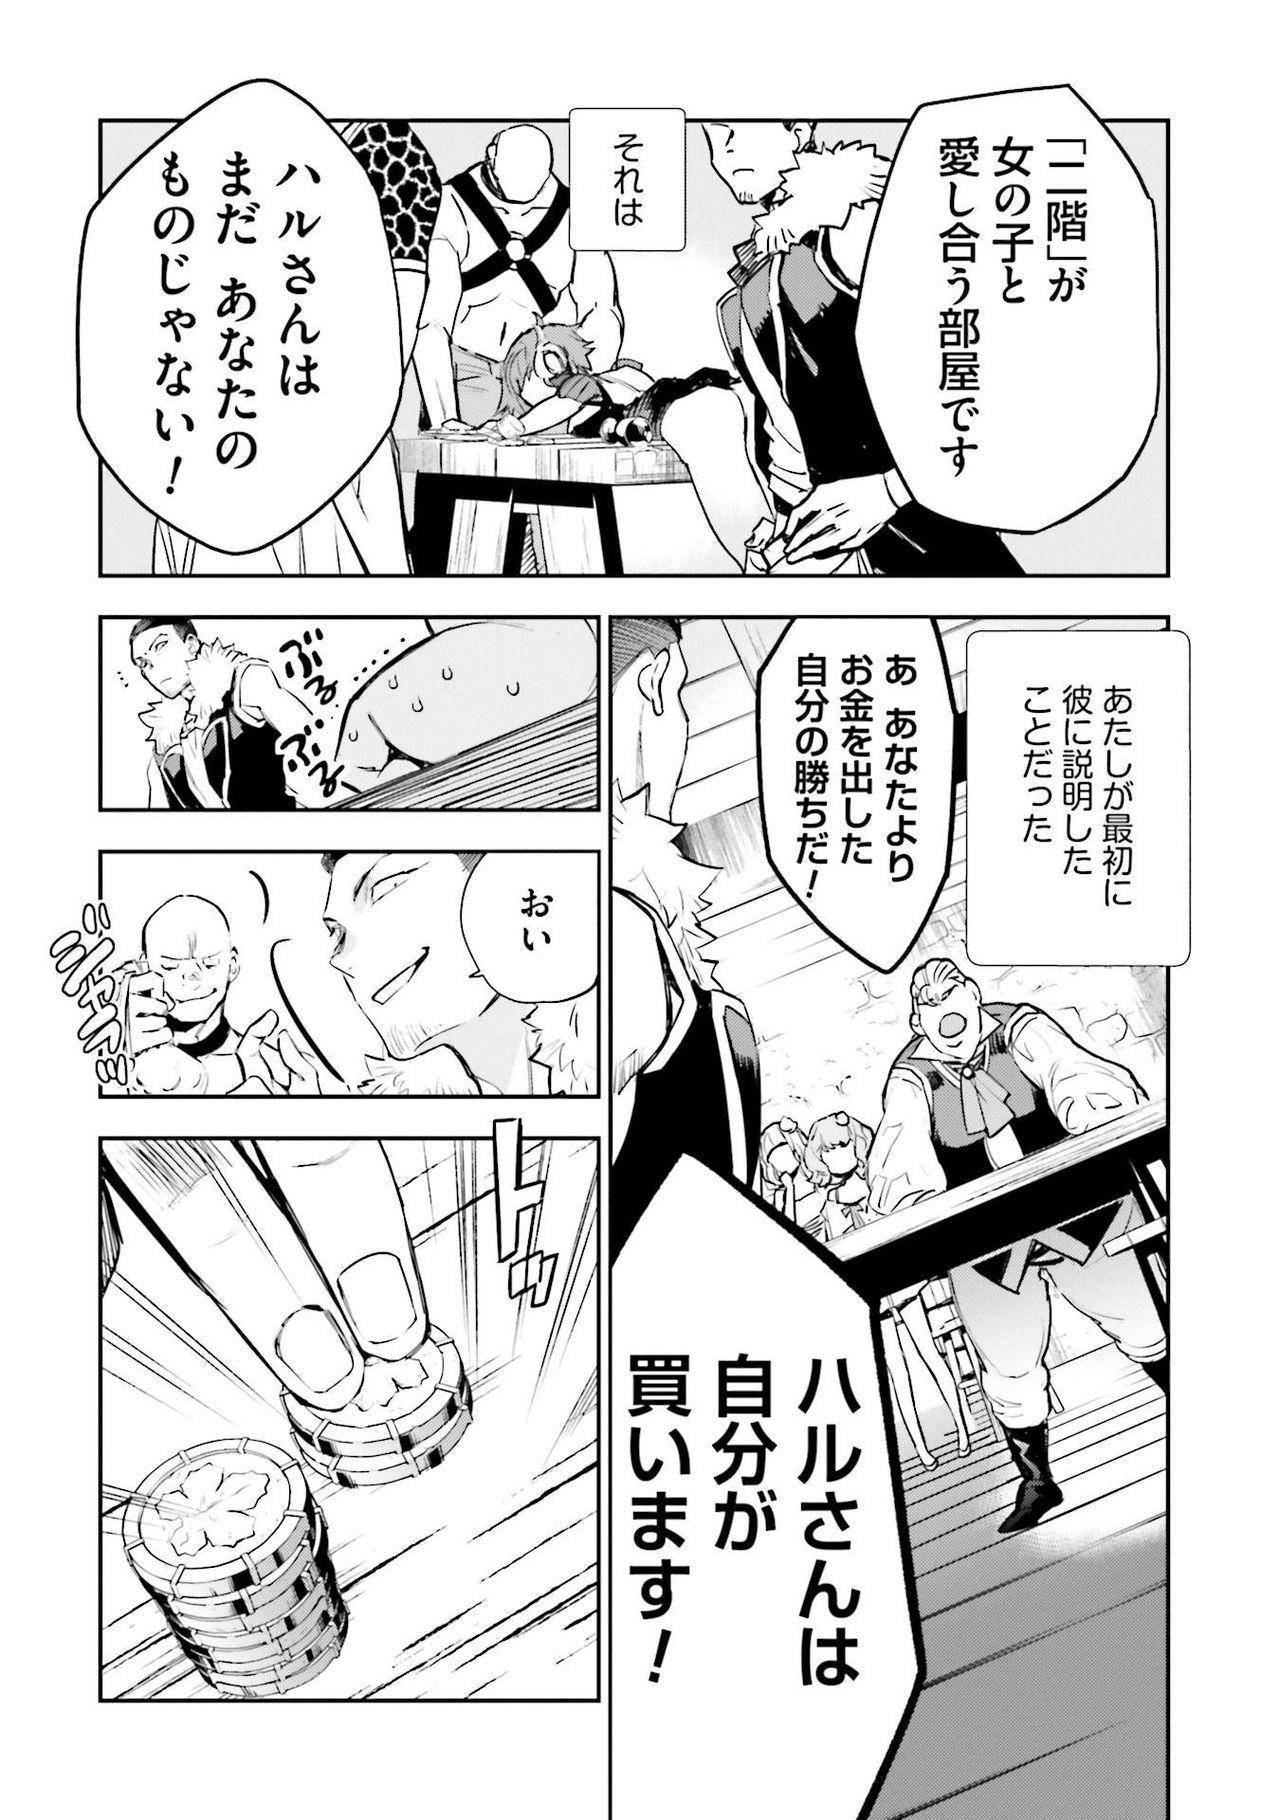 JK Haru wa Isekai de Shoufu ni Natta 1-14 256